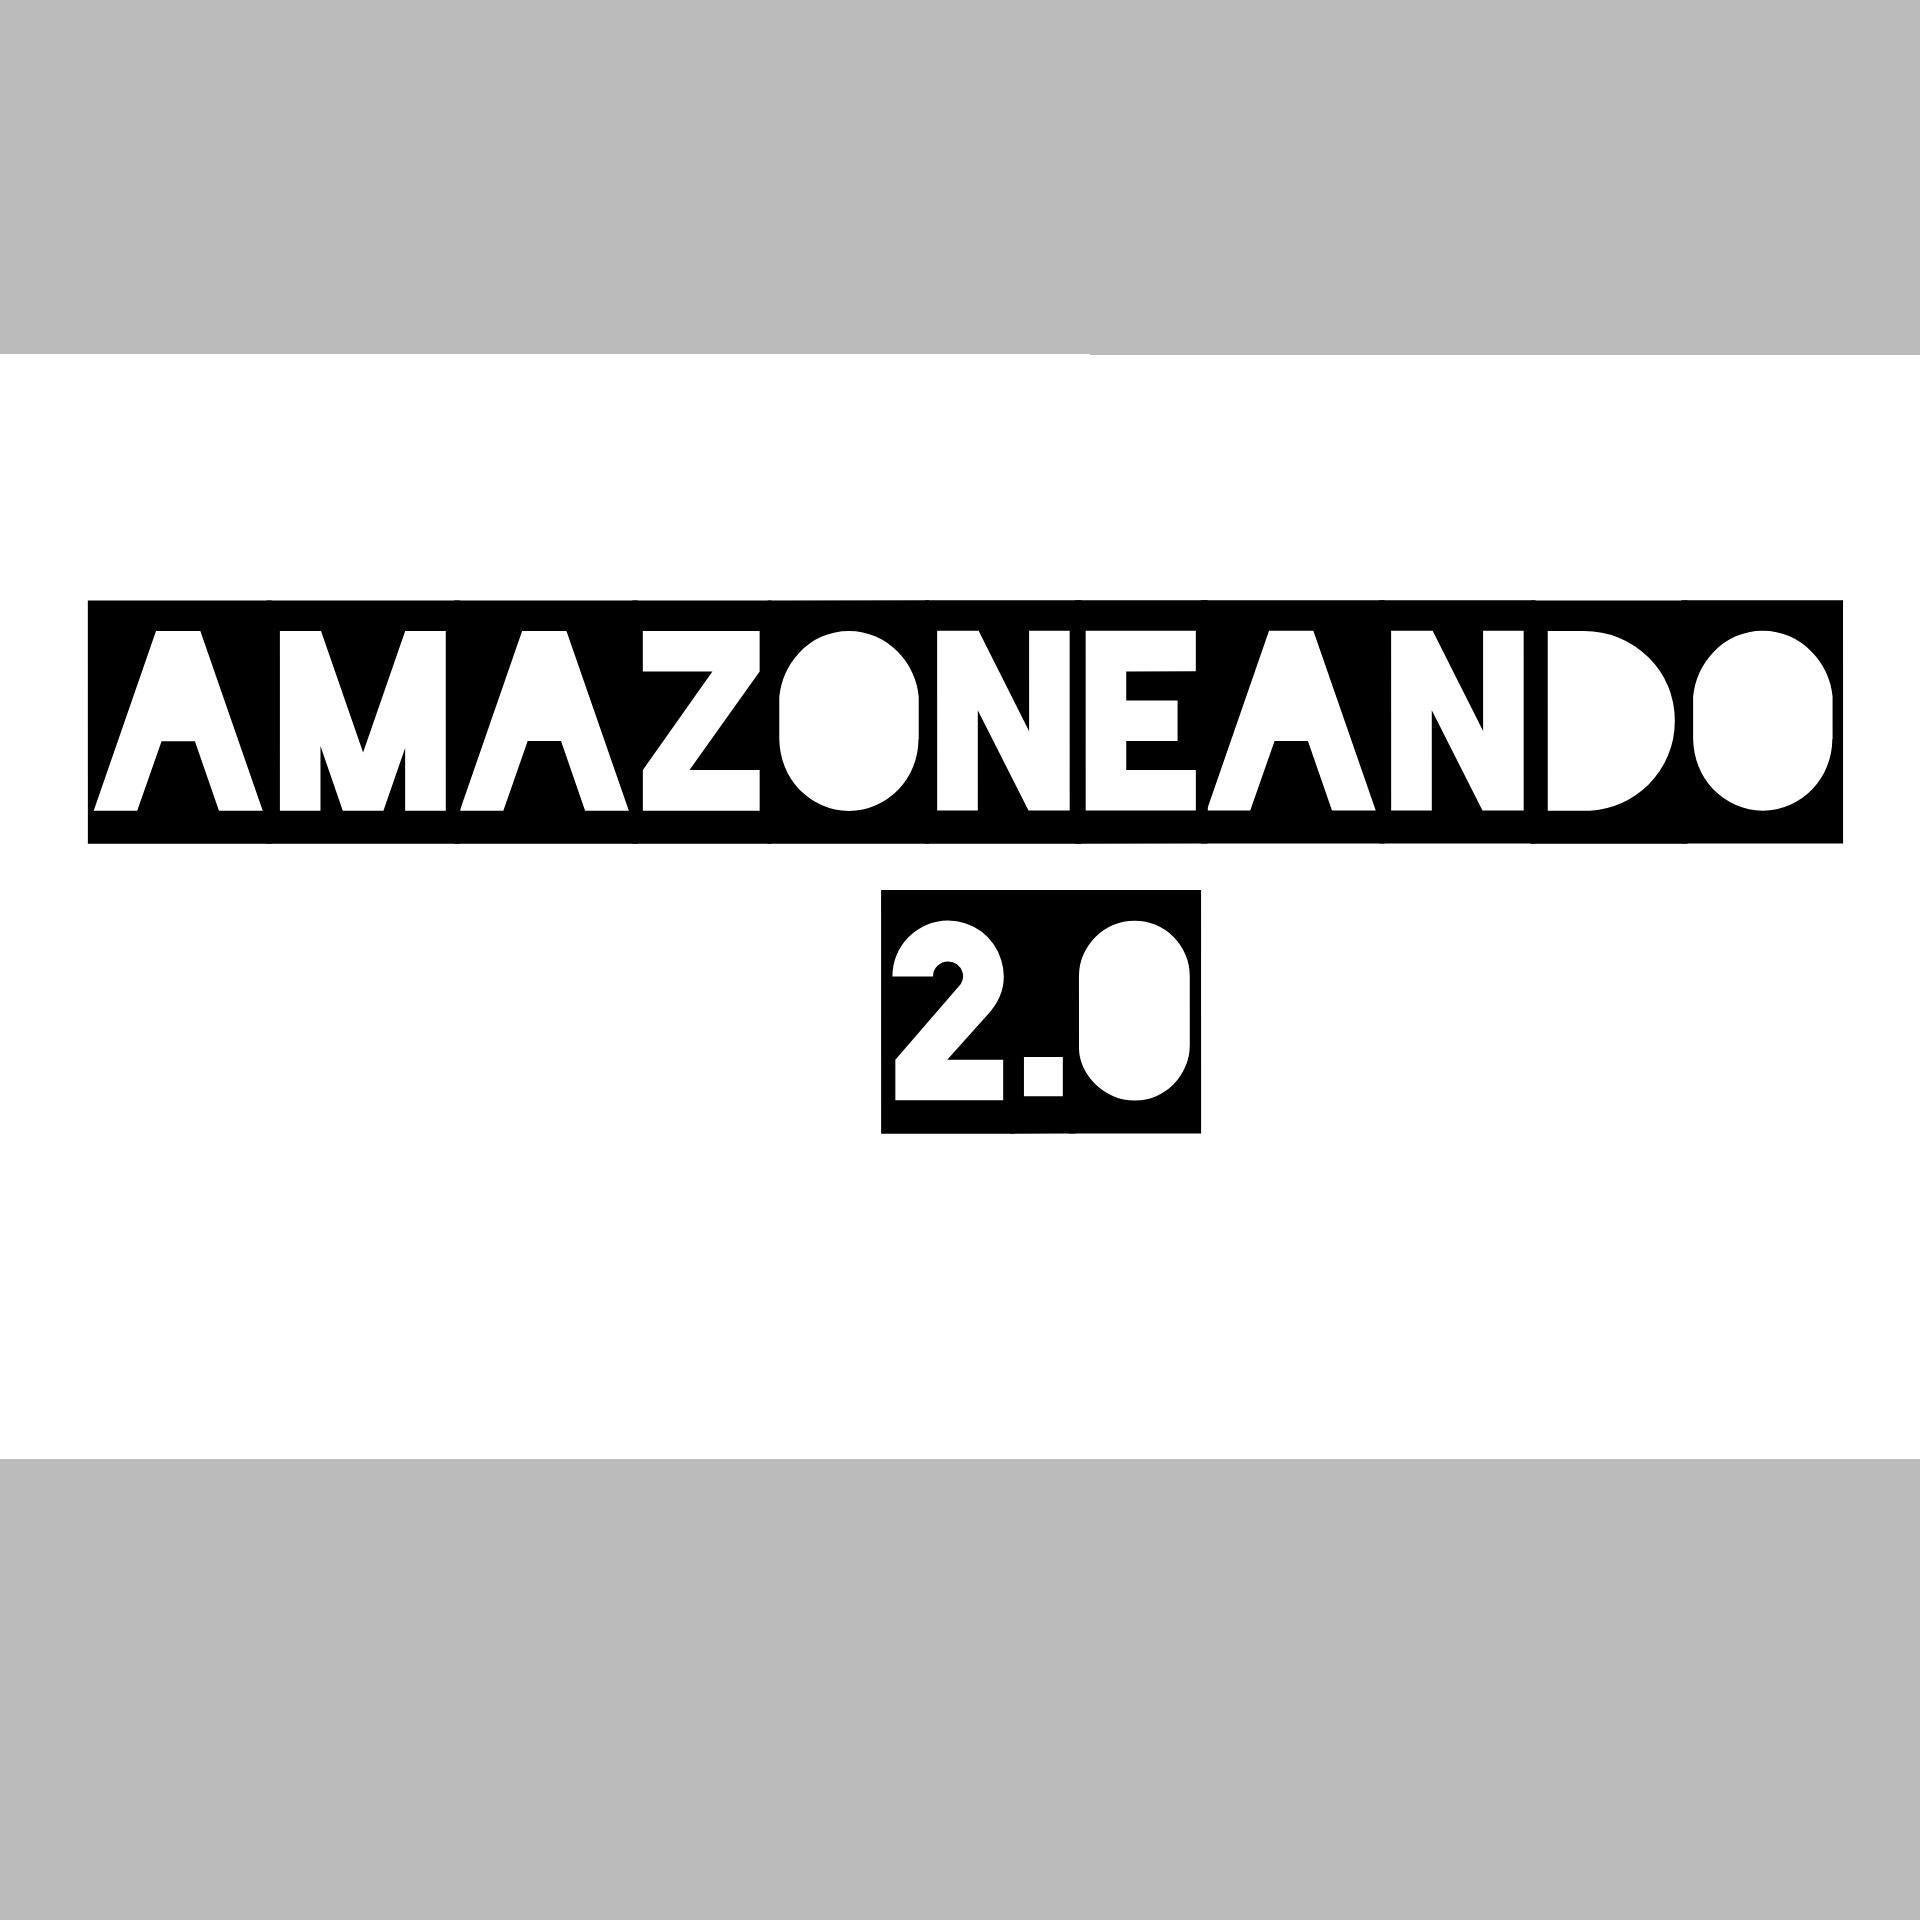 Amazoneando 2.0 (186 artículos de Amazon)